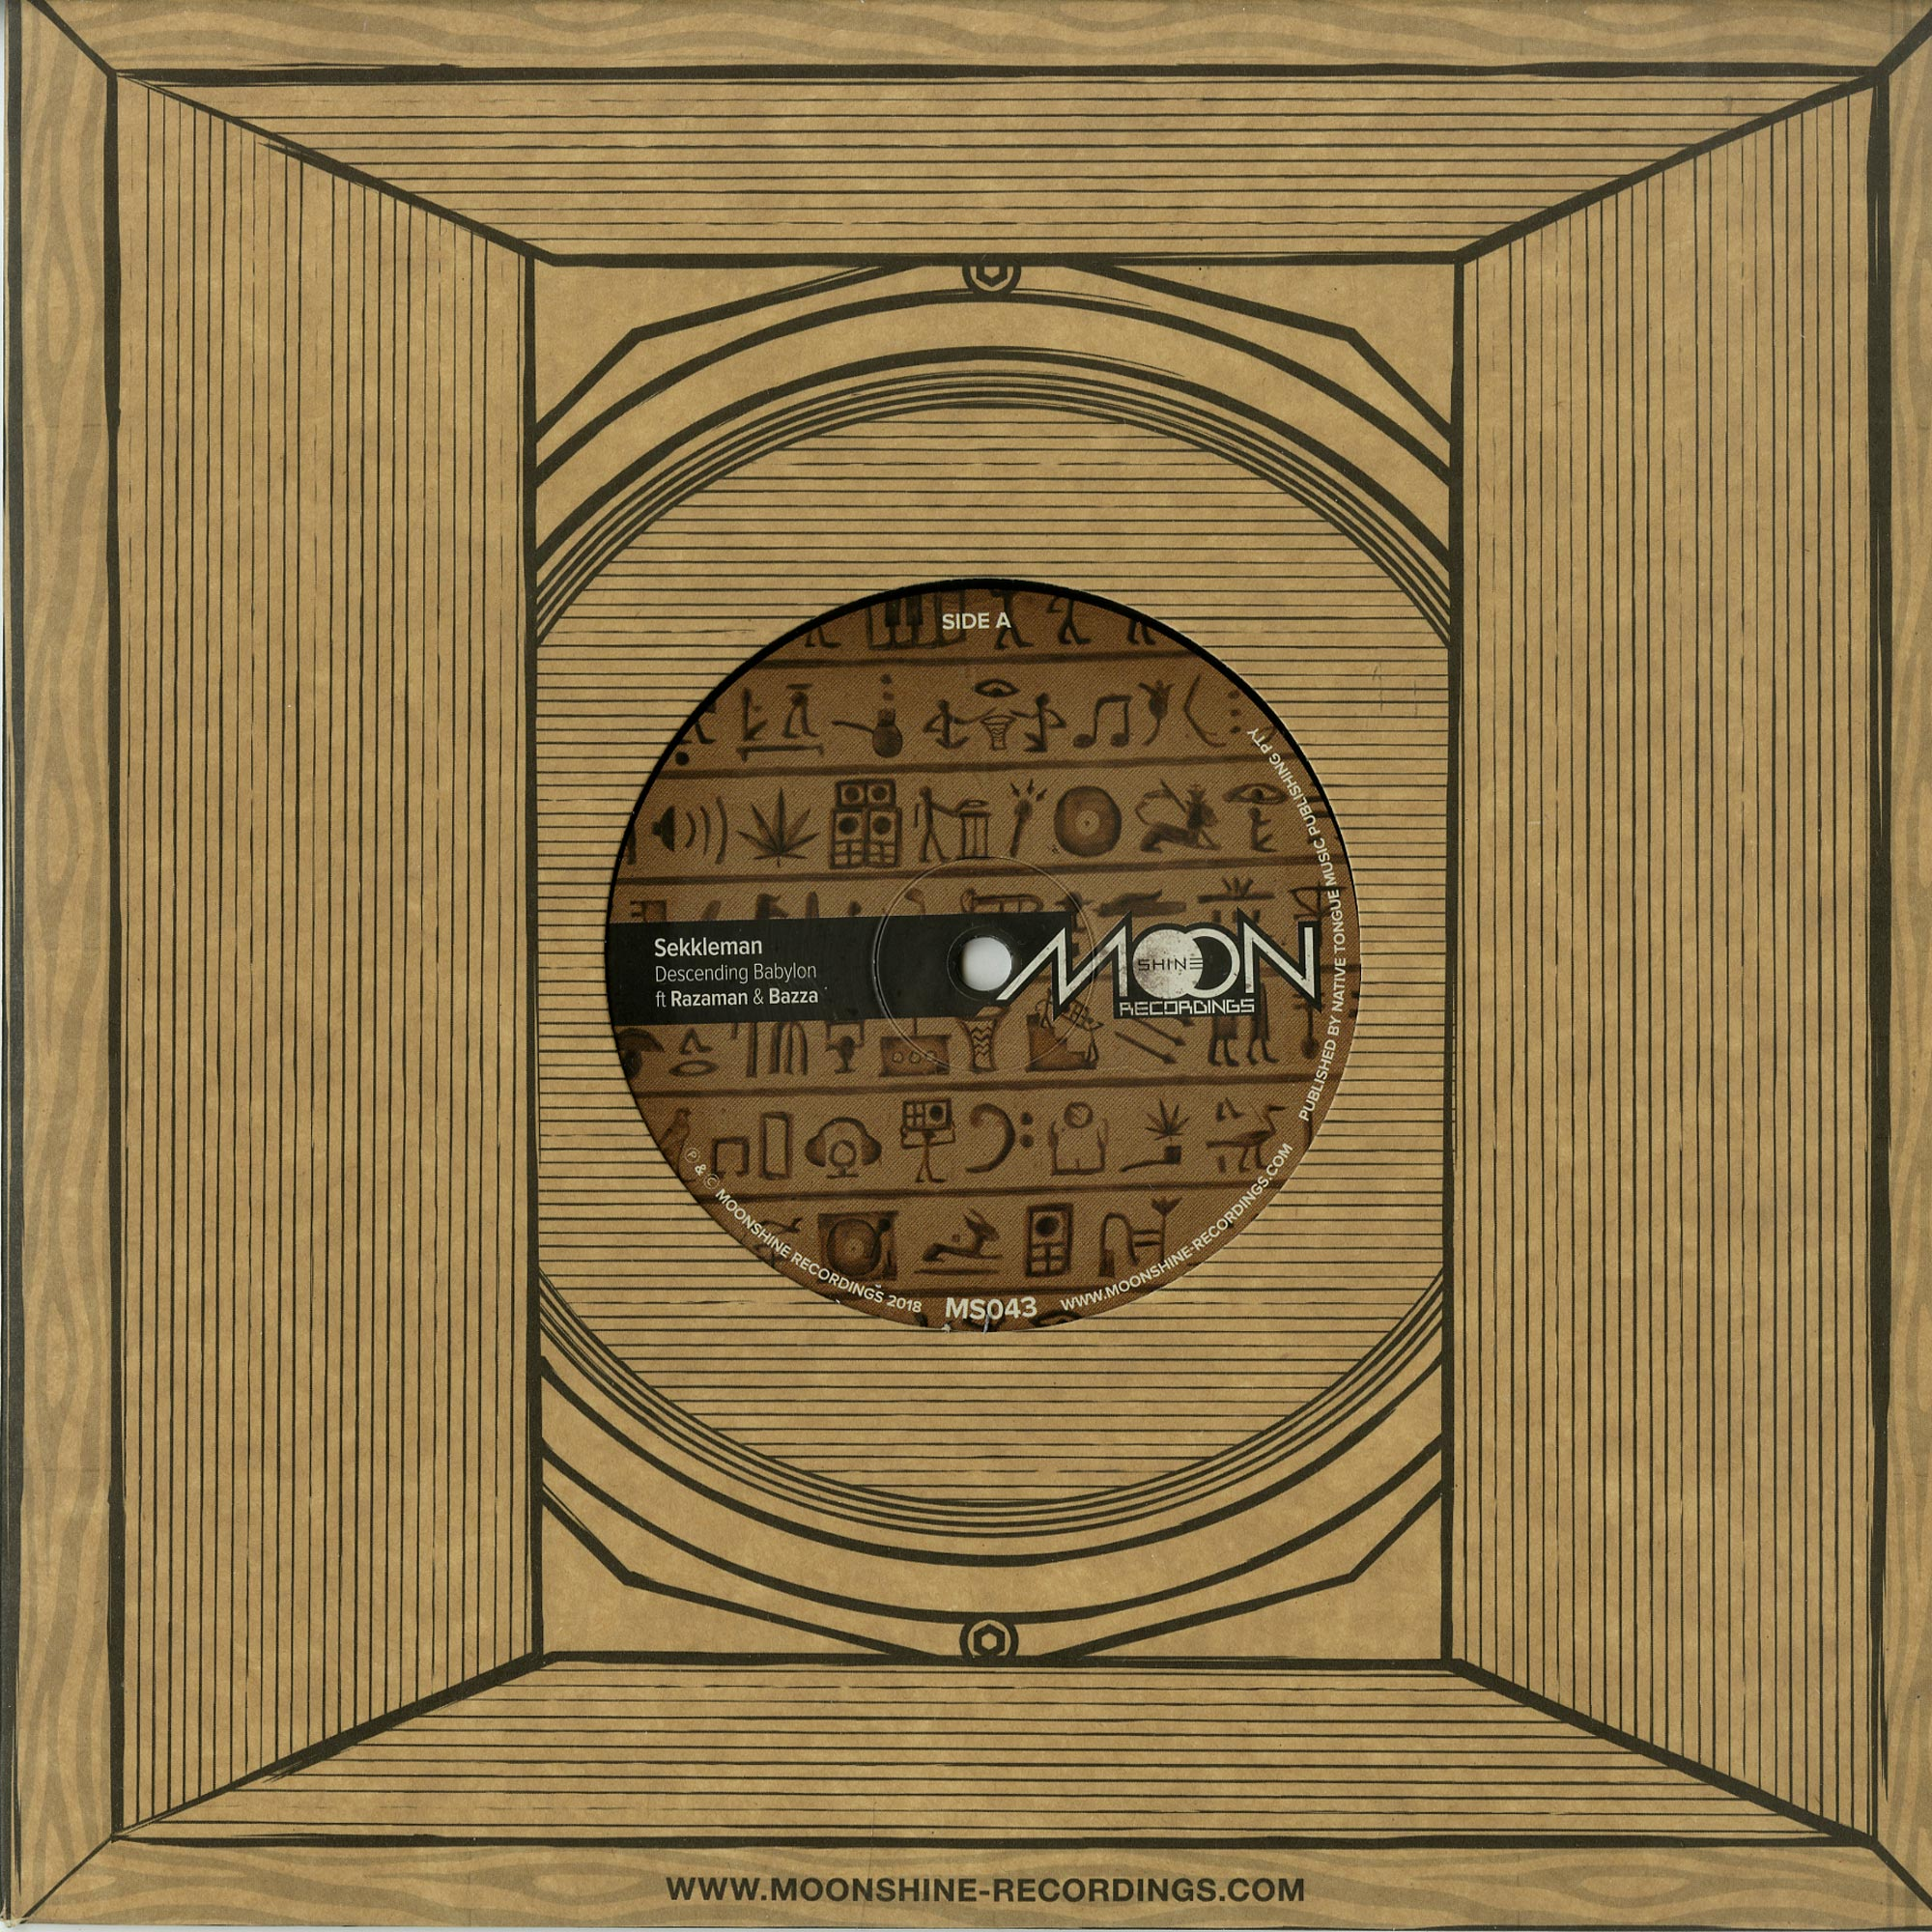 Sekkleman - DESCENDING BABYLON / DANCEHALL GRAVEYARD